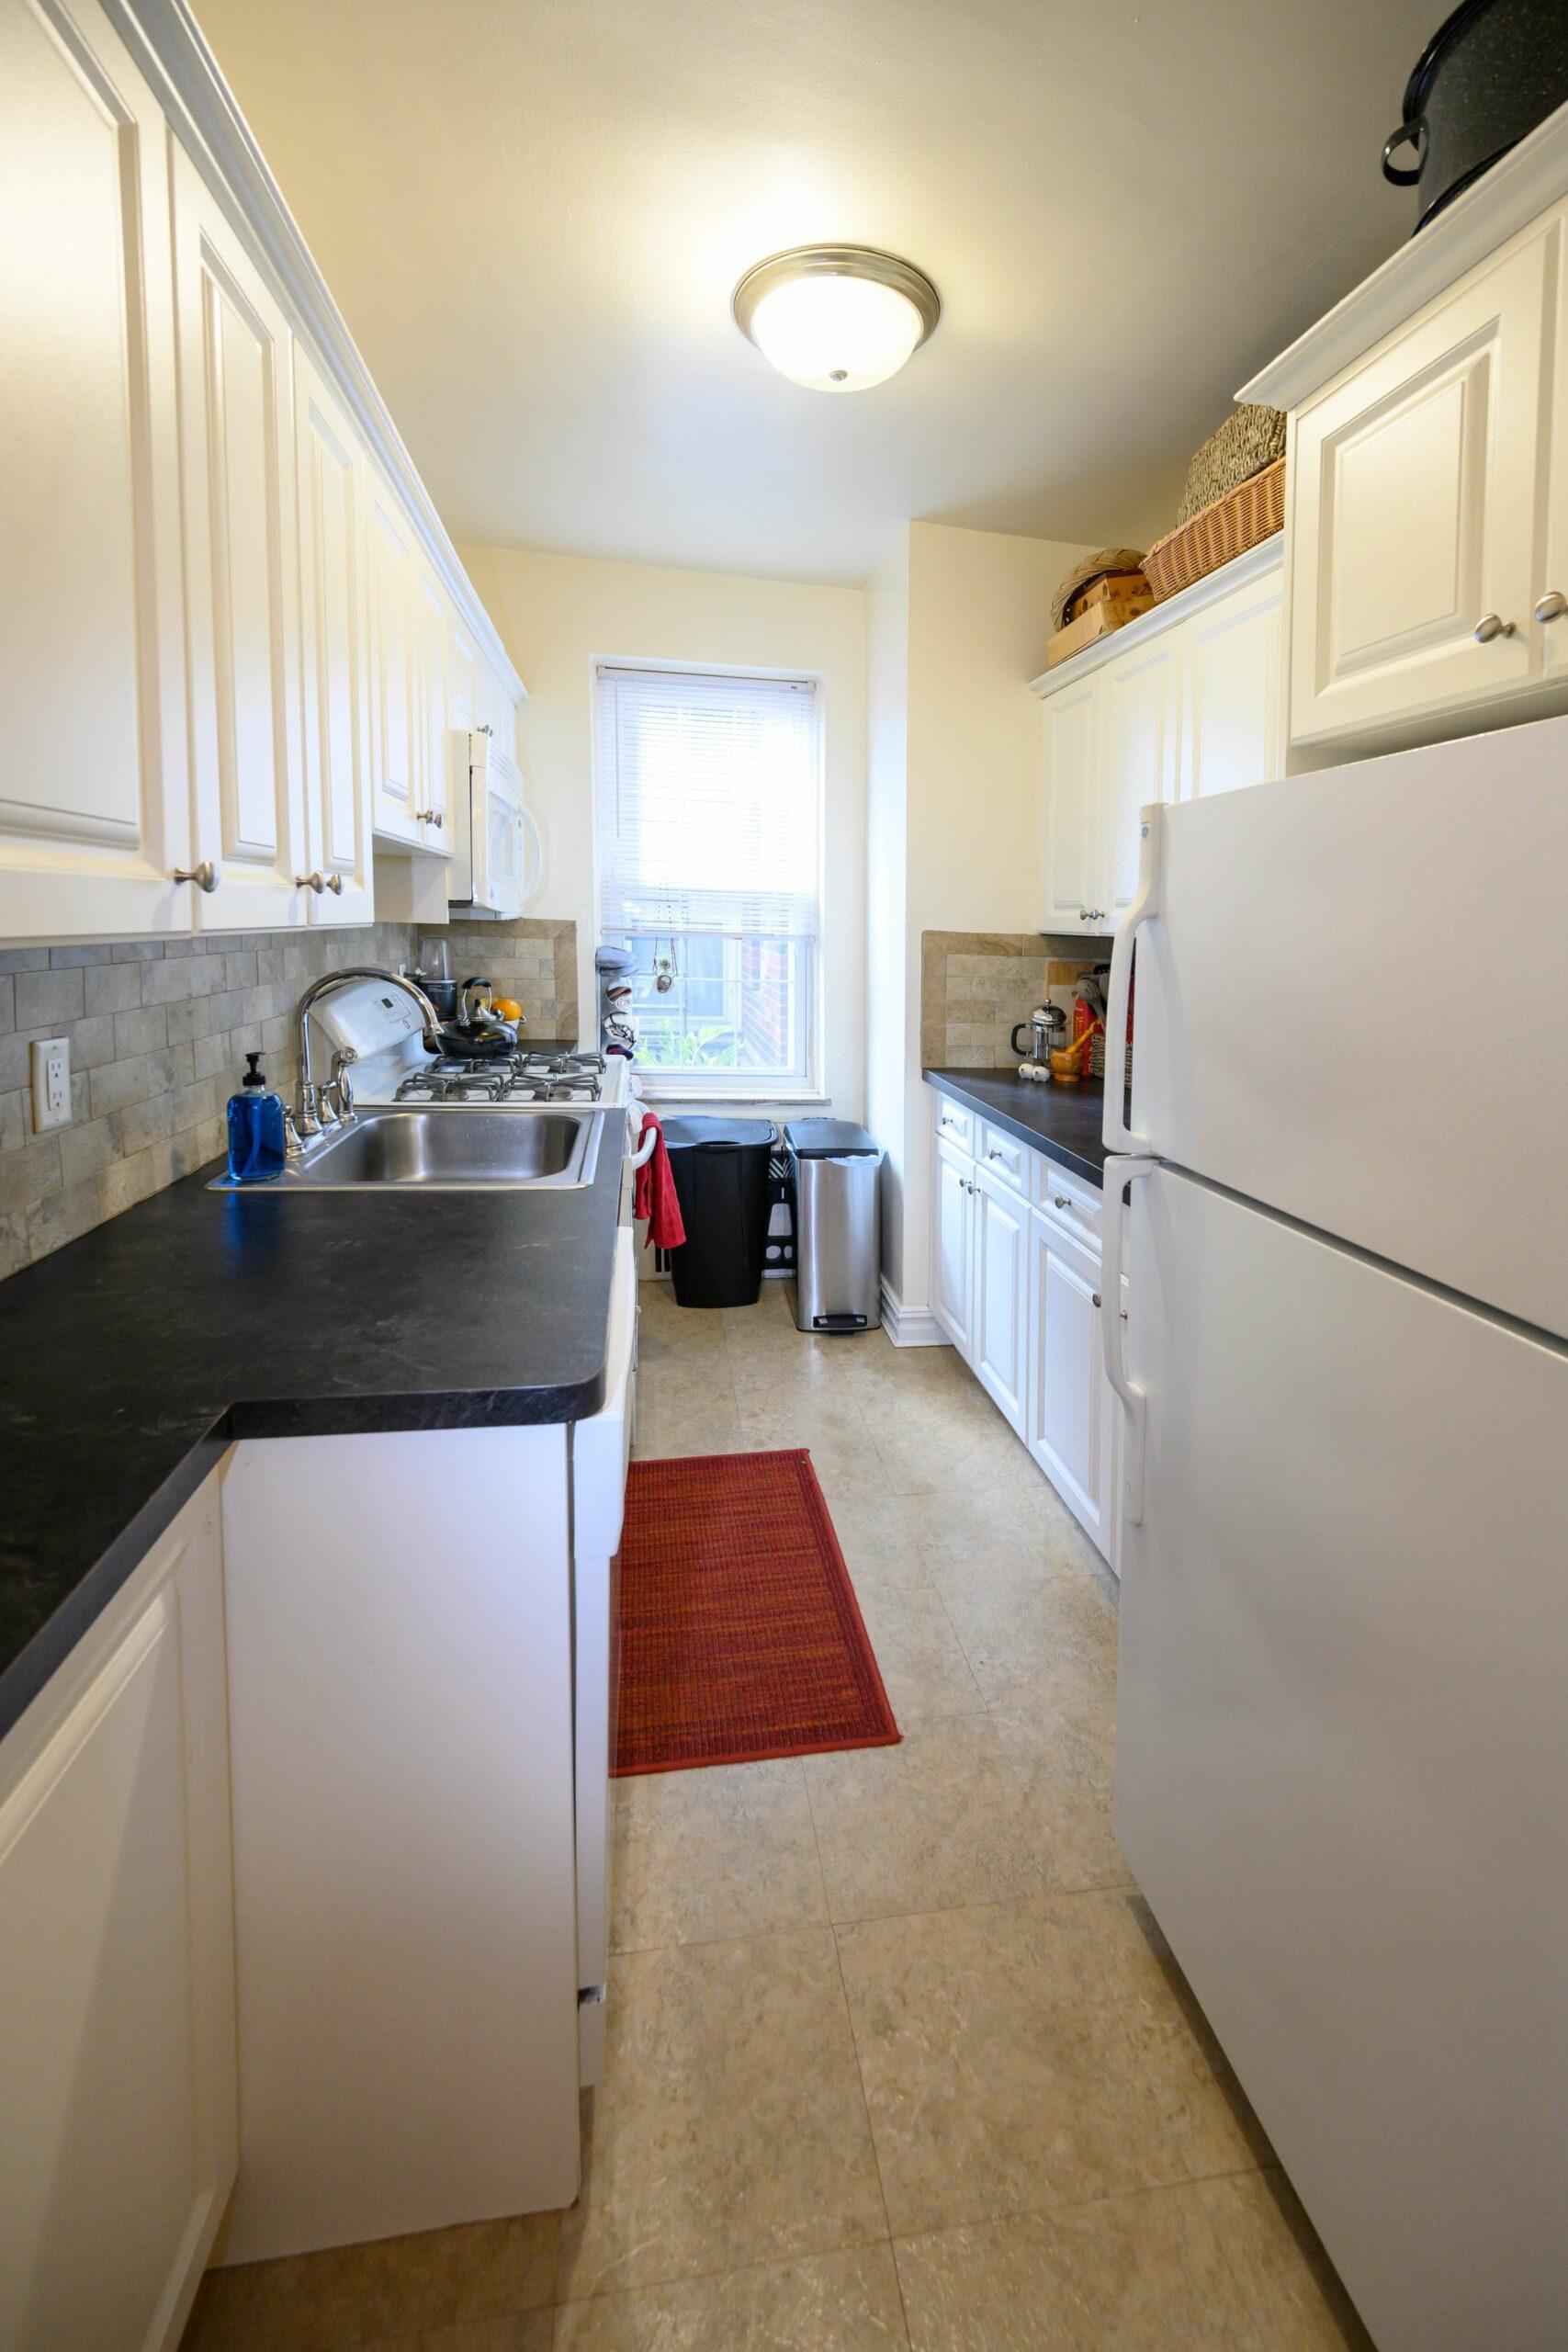 The Midland kitchen